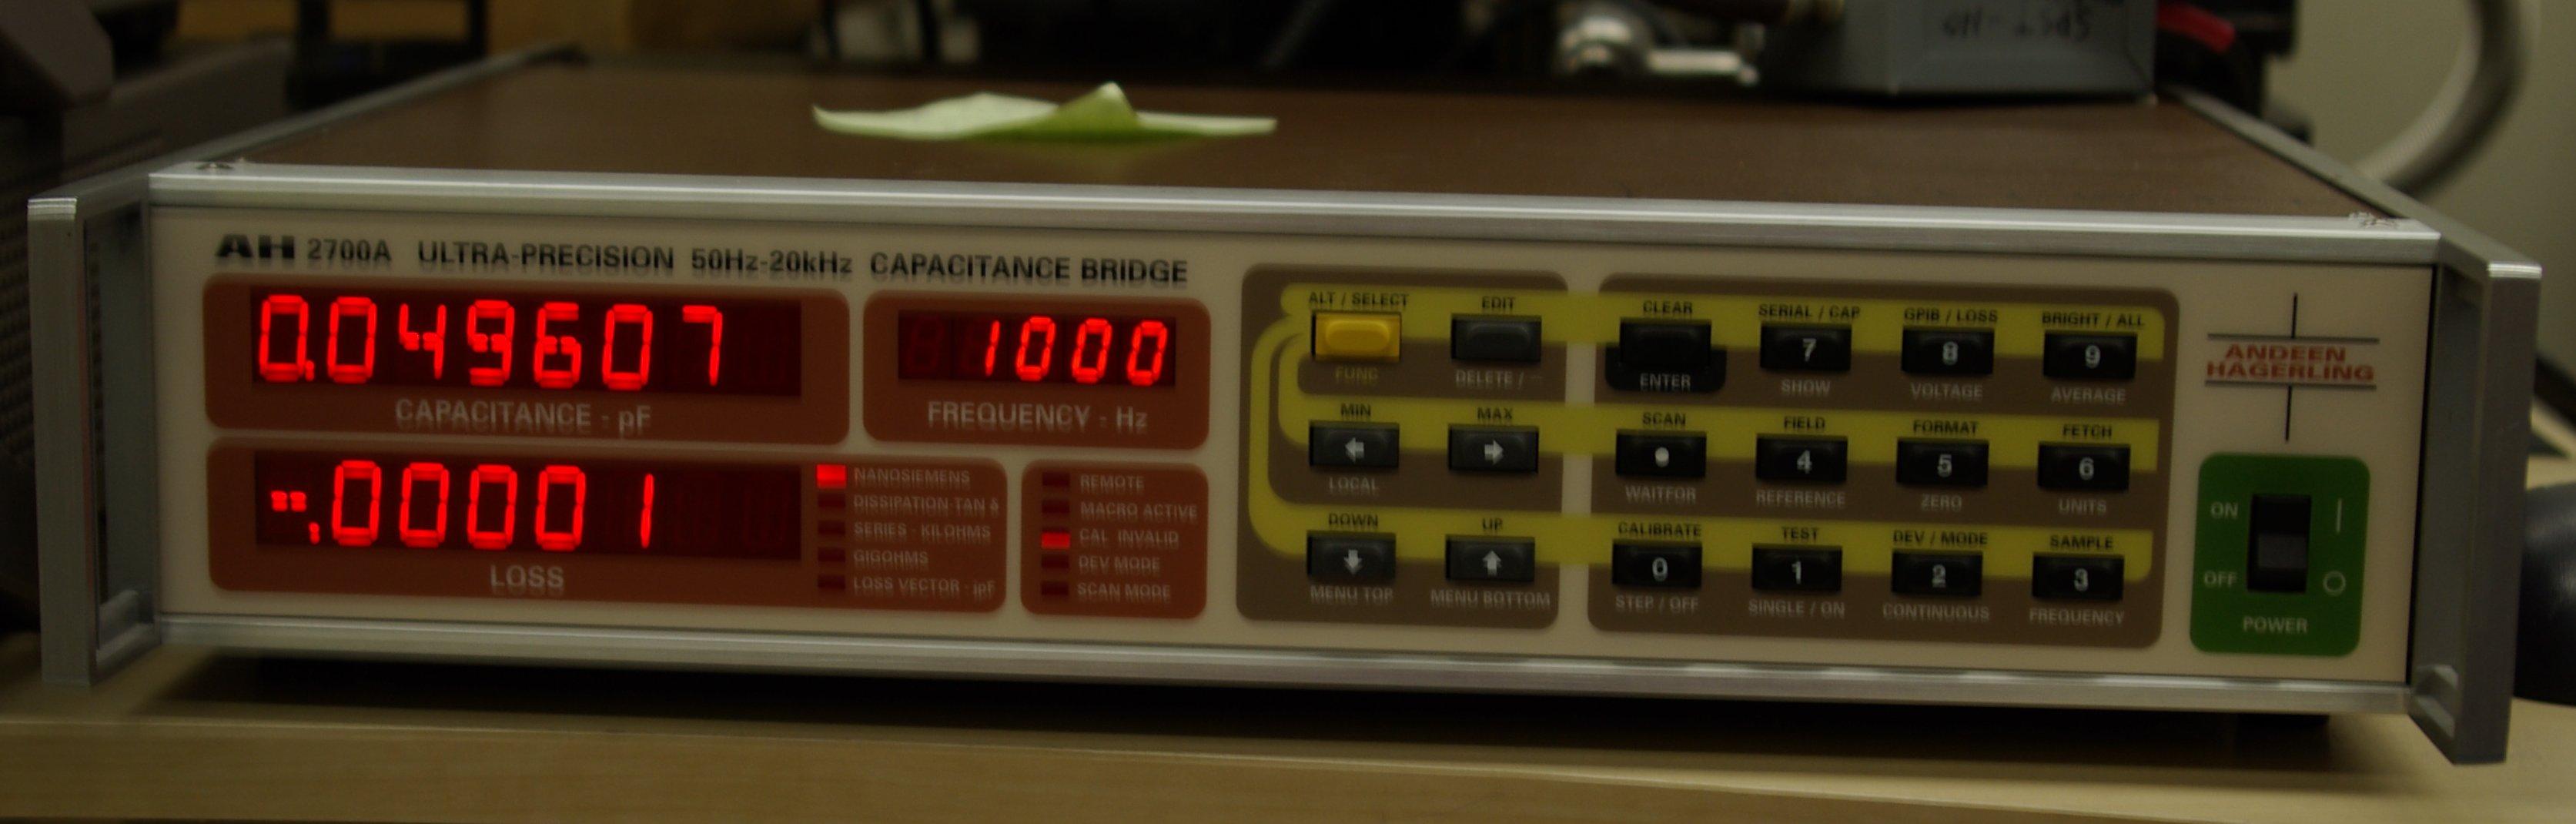 An 2700A capacitance bridge